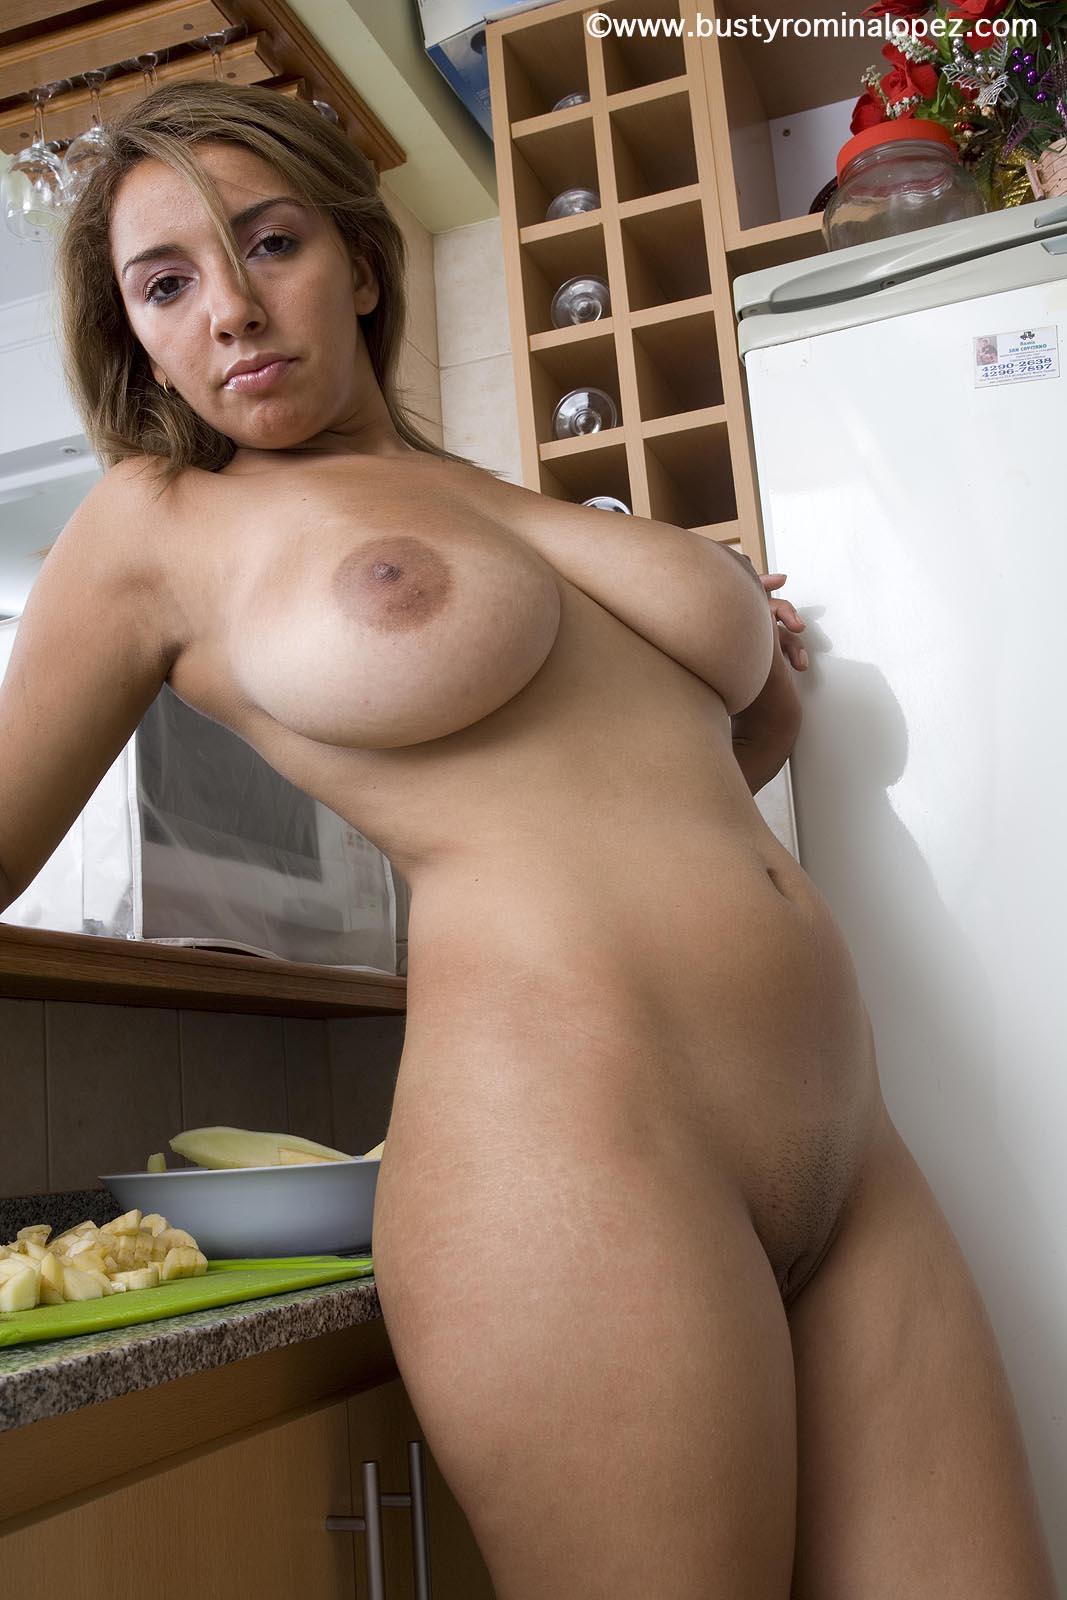 Hell Romina lopez nude